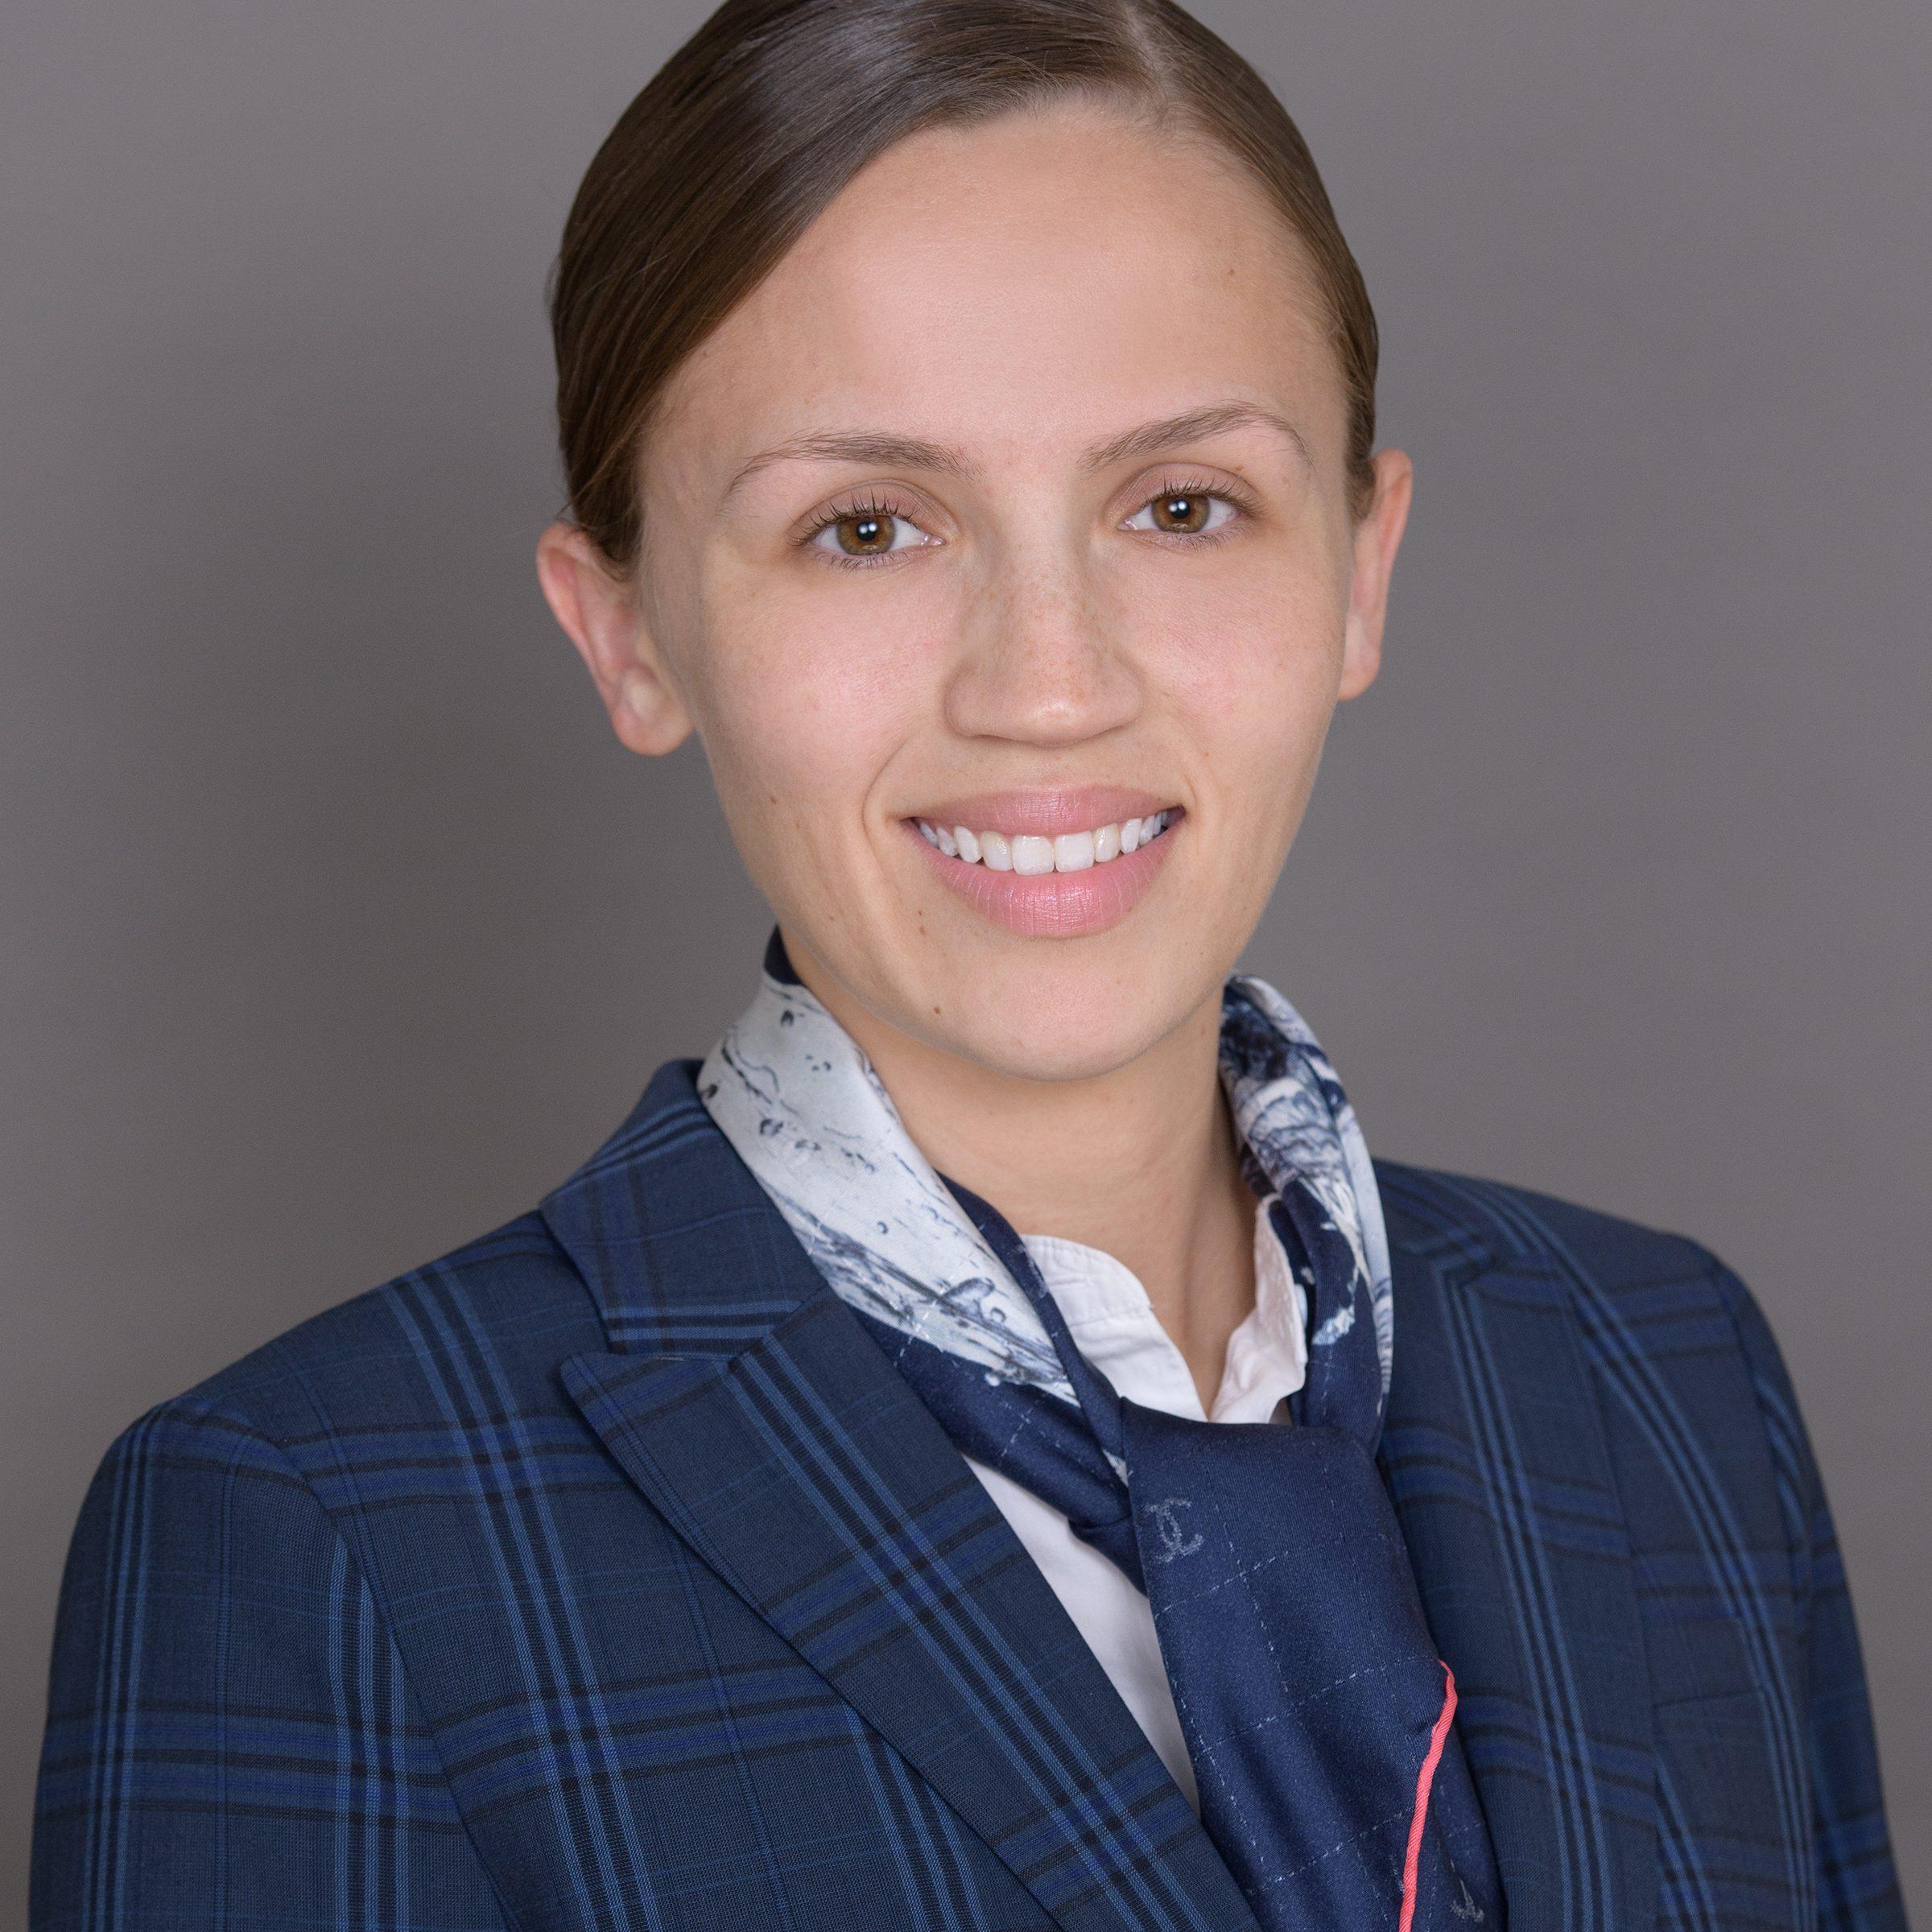 Sophia Allard